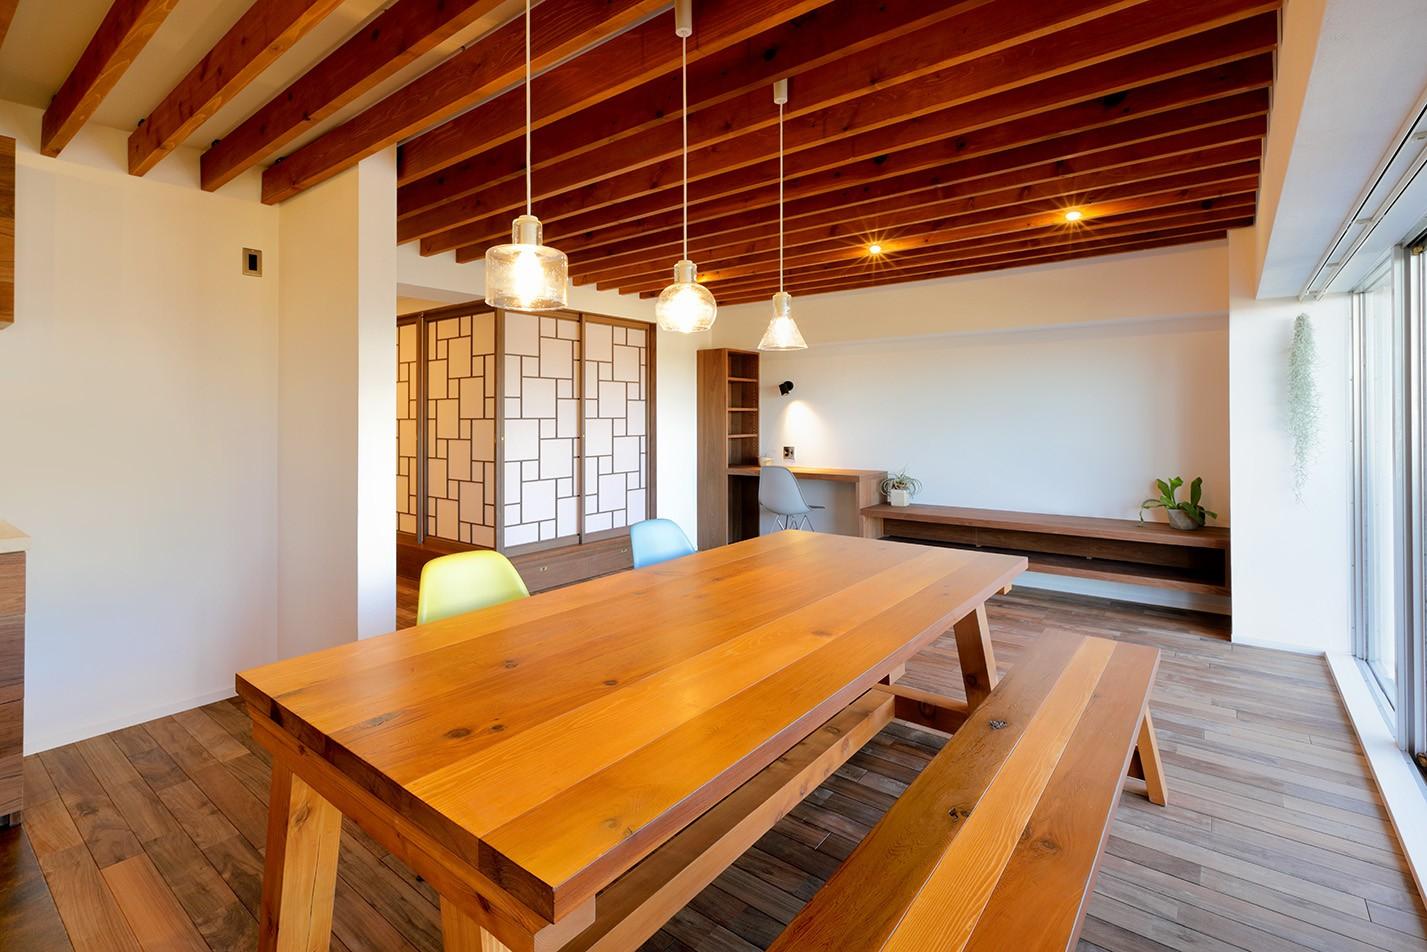 リビングダイニング事例:LDK  ダイニングテーブル(関町の家「around a table」)